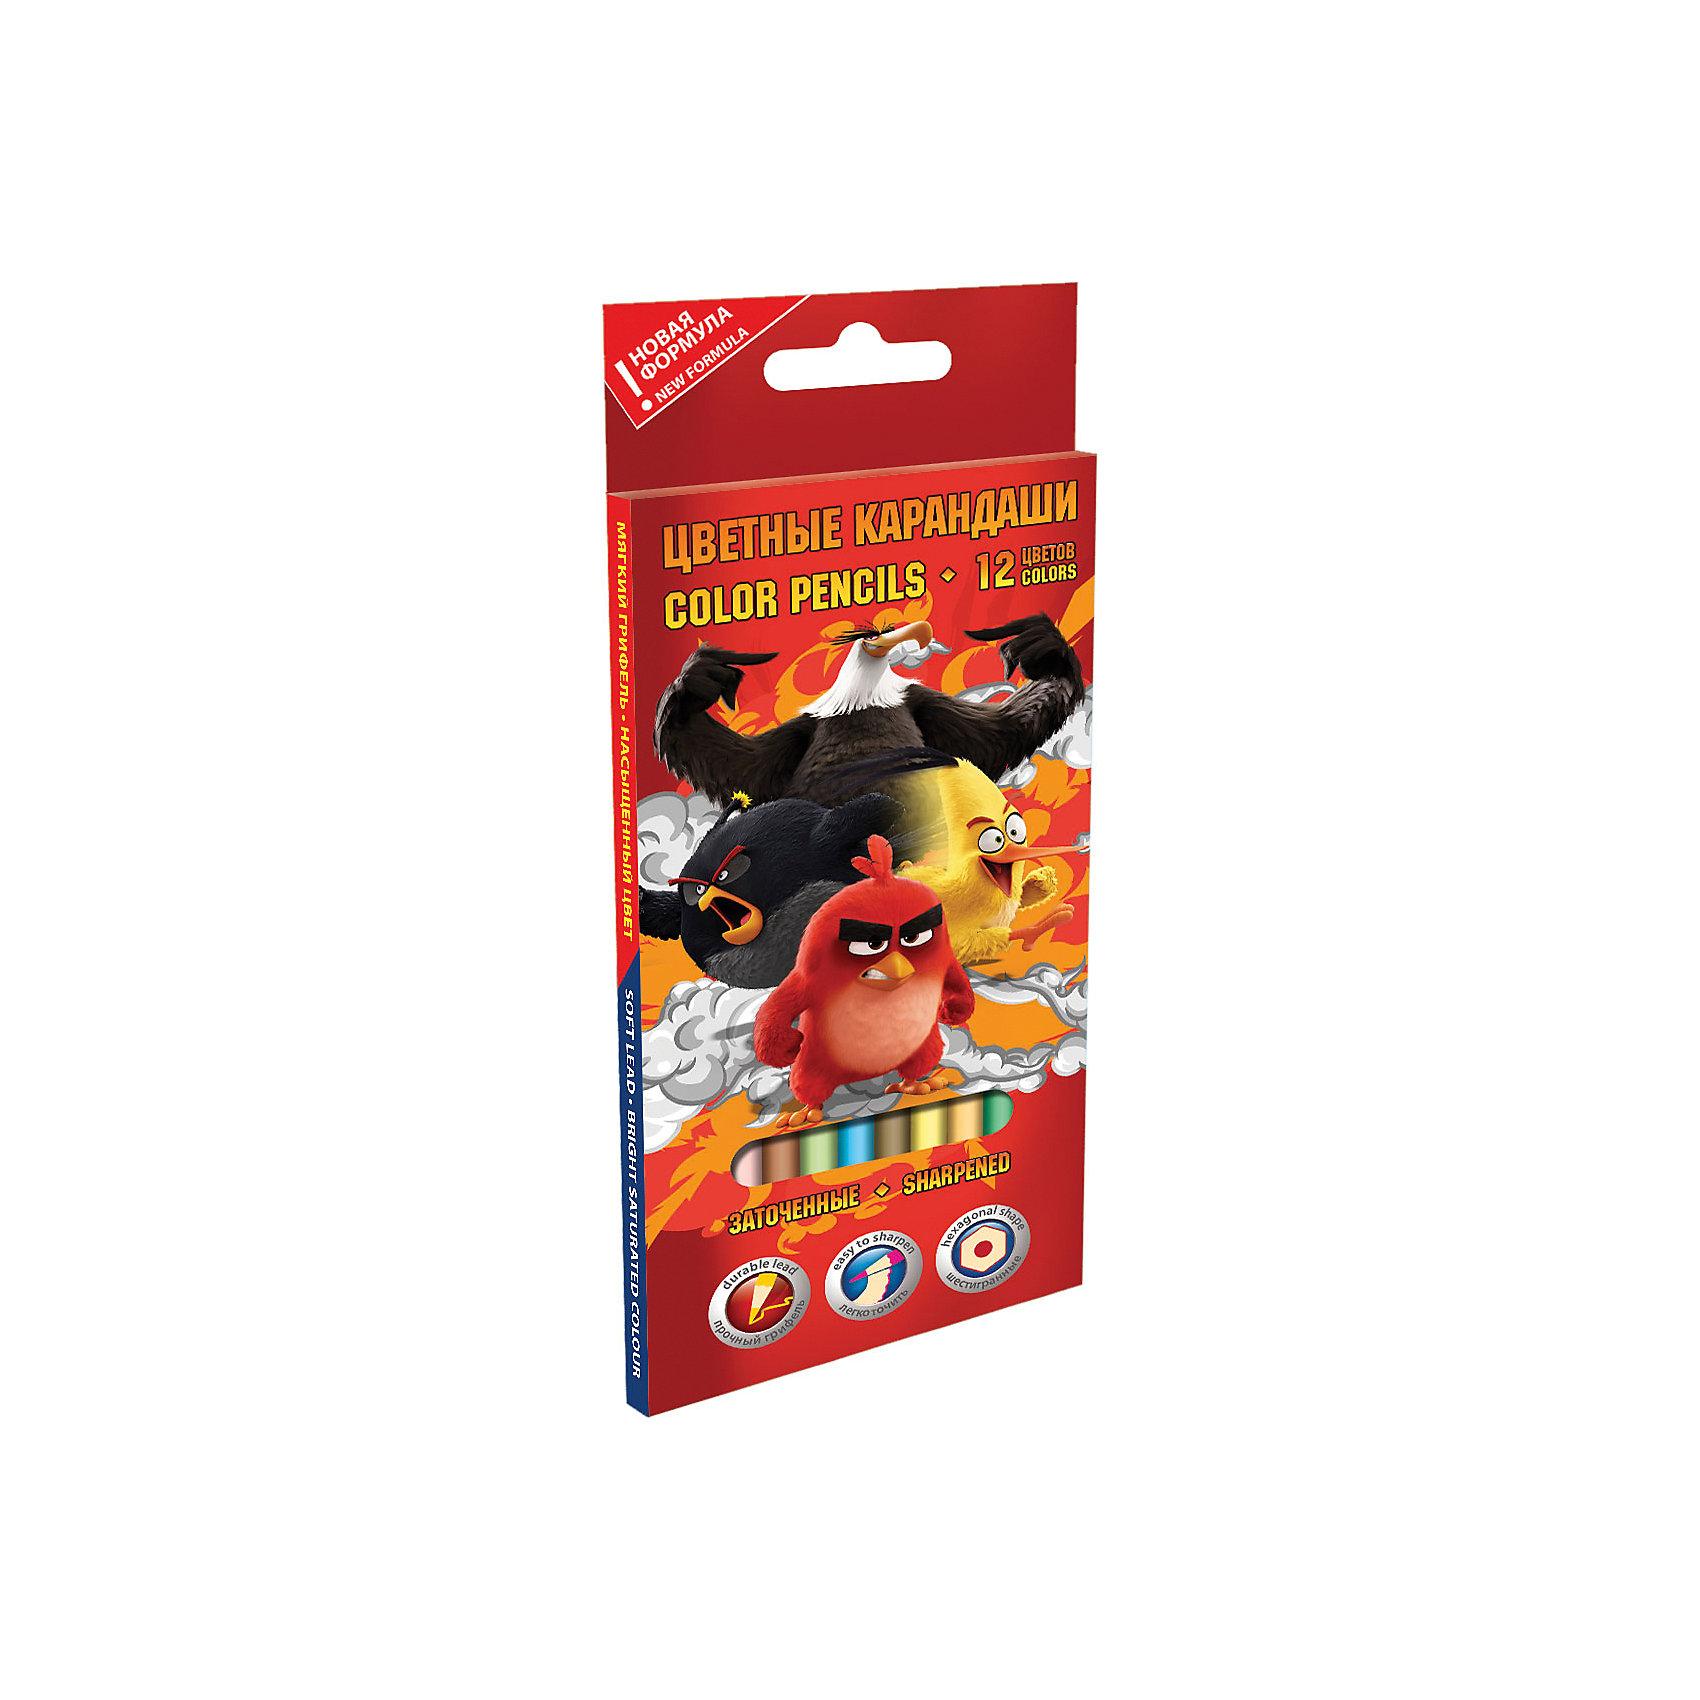 Цветные карандаши, 12 шт, Angry BirdsЦветные карандаши - необходимый инструмент для детского творчества и школьных занятий. Цветные карандаши Angry Birds оформлены в красочную картонную коробочку с изображением персонажей из нового мультфильма про популярных птичек Angry Birds. В комплекте 12<br>шестигранных карандашей разных цветов, изготовленных из древесины тополя.<br><br><br>Дополнительная информация:<br><br>- В комплекте: 12 шт.<br>- Толщина грифеля: 2,65 мм.<br>- Длина карандаша: 17,8 см. <br>- Размер упаковки: 21 х 0,9 х 8,5 см.<br>- Вес: 60 гр.<br><br>Цветные карандаши, Angry Birds, можно купить в нашем интернет-магазине.<br><br>Ширина мм: 210<br>Глубина мм: 85<br>Высота мм: 10<br>Вес г: 45<br>Возраст от месяцев: 96<br>Возраст до месяцев: 108<br>Пол: Мужской<br>Возраст: Детский<br>SKU: 4681056